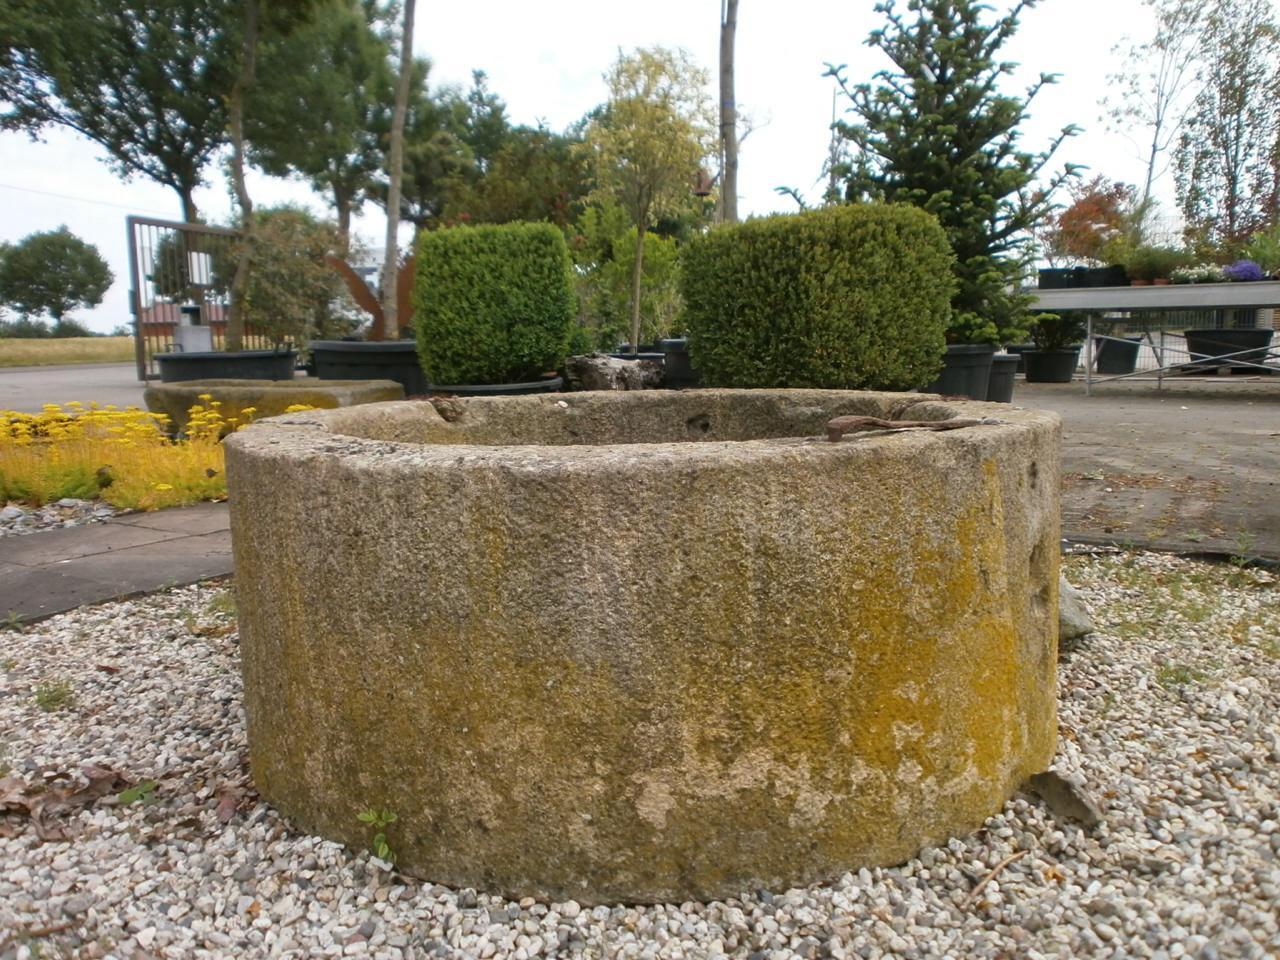 Ziehbrunnen, Brunnen, Brunnenring